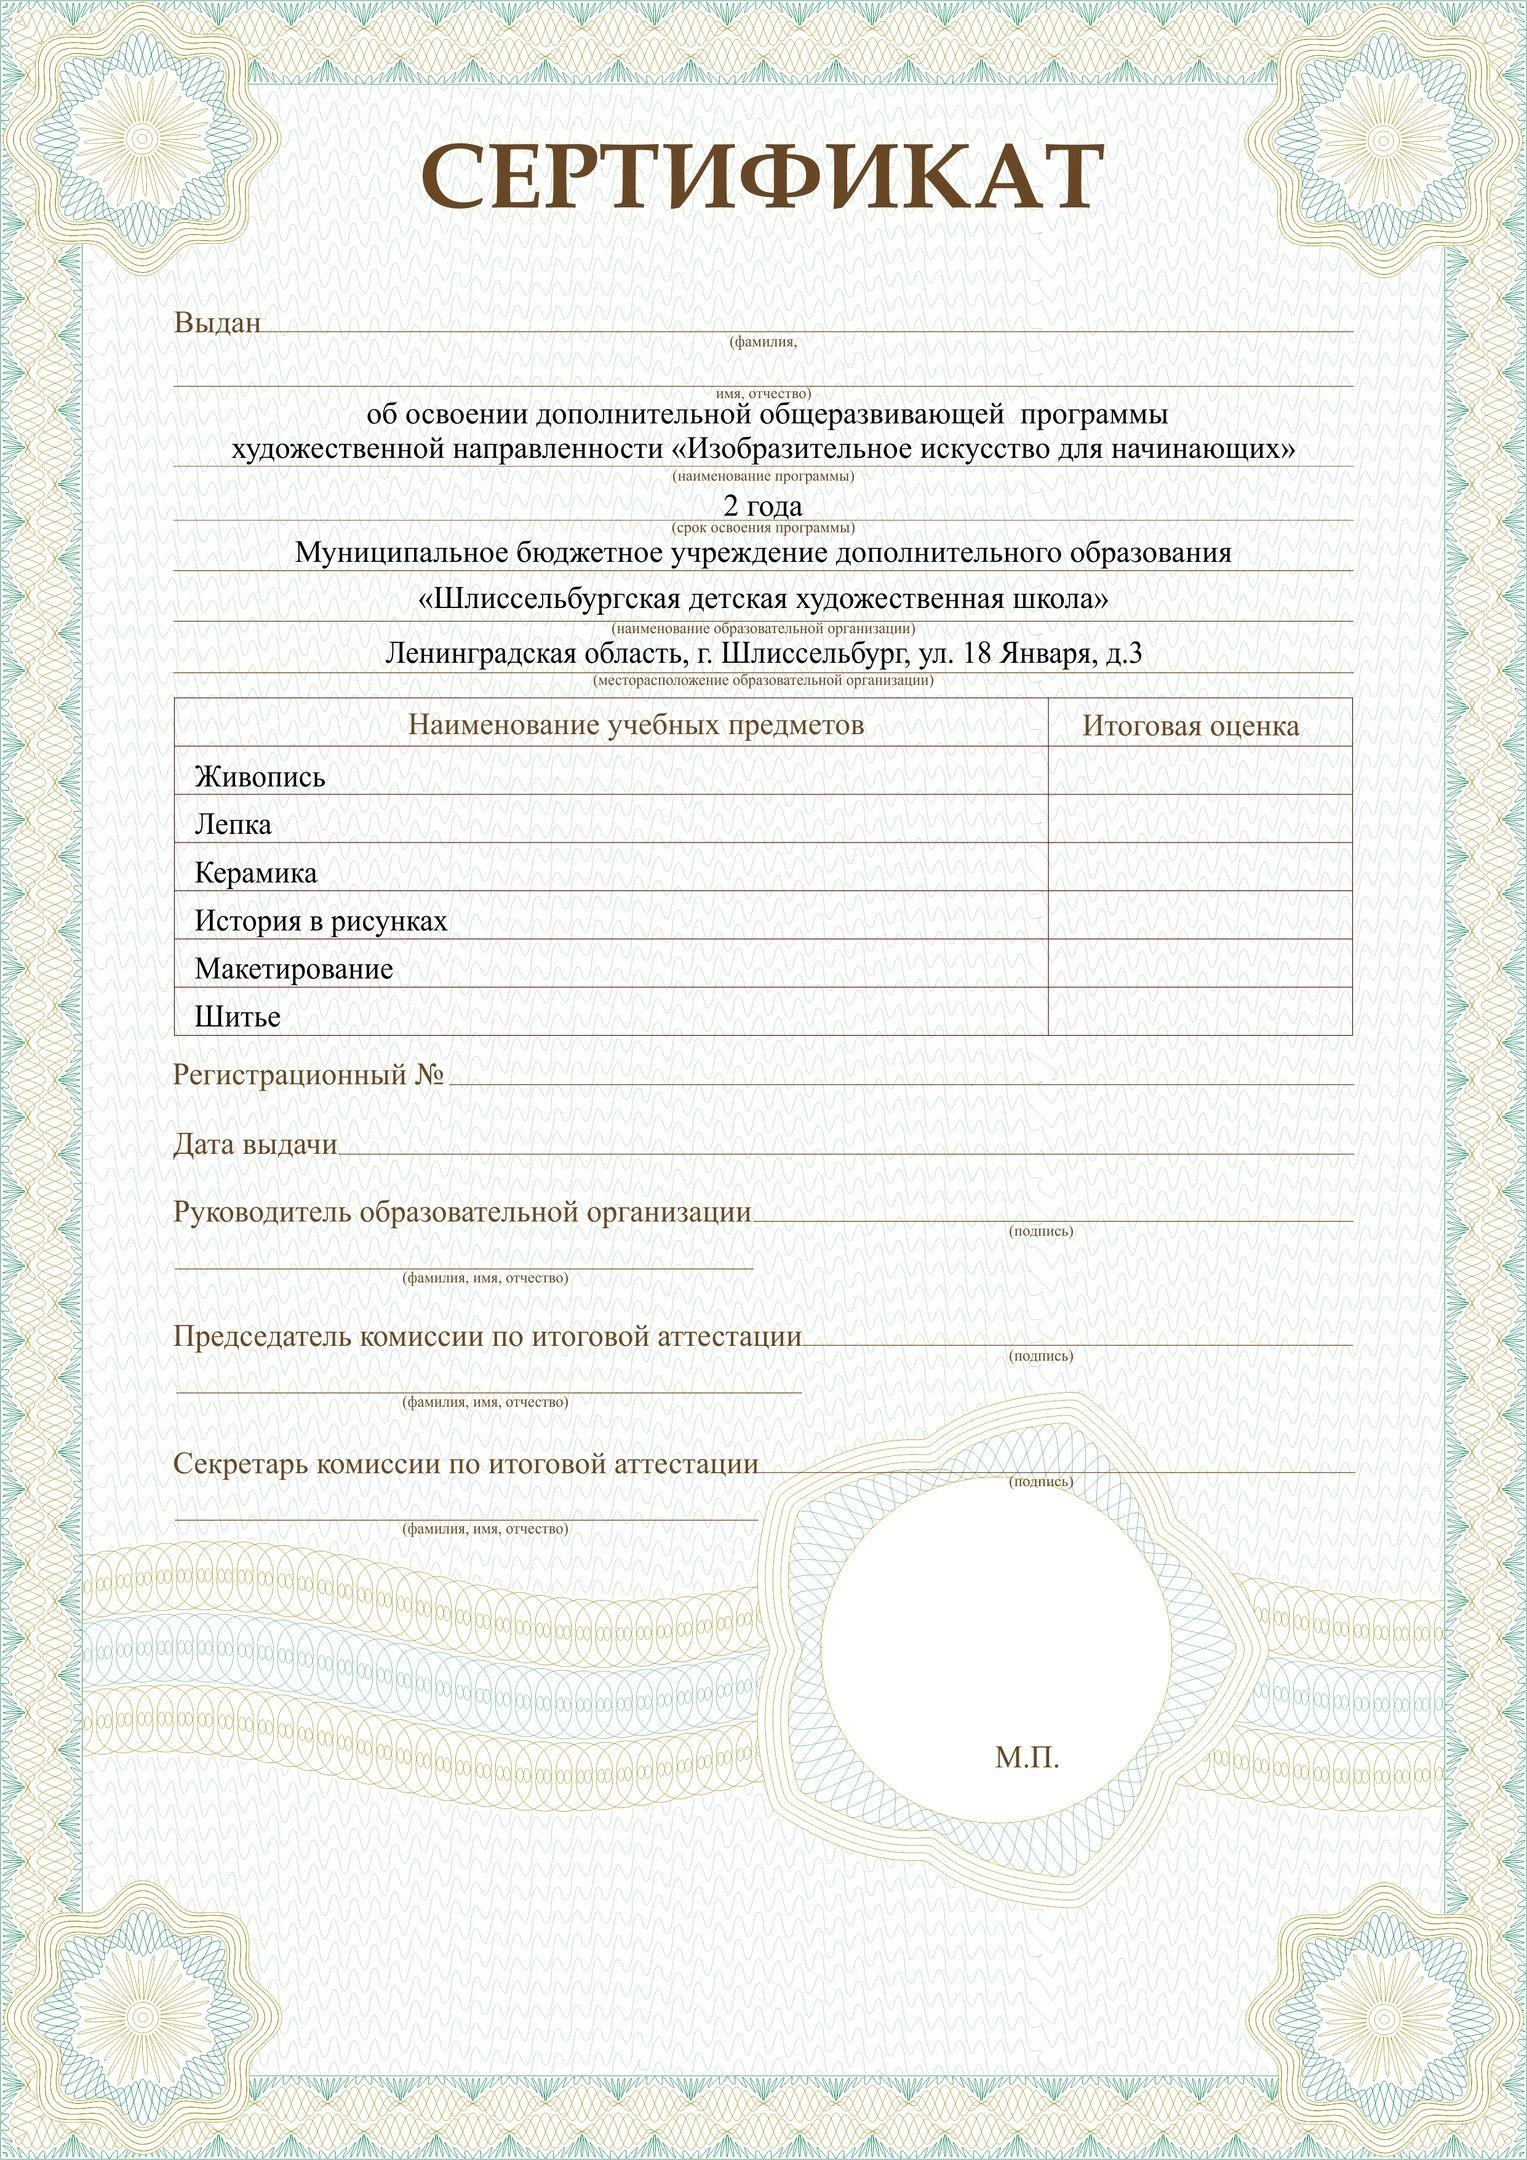 Сертификат об освоении дополнительной общеразвивающей программы  художественной направленности «Изобразительное искусство для начинающих»